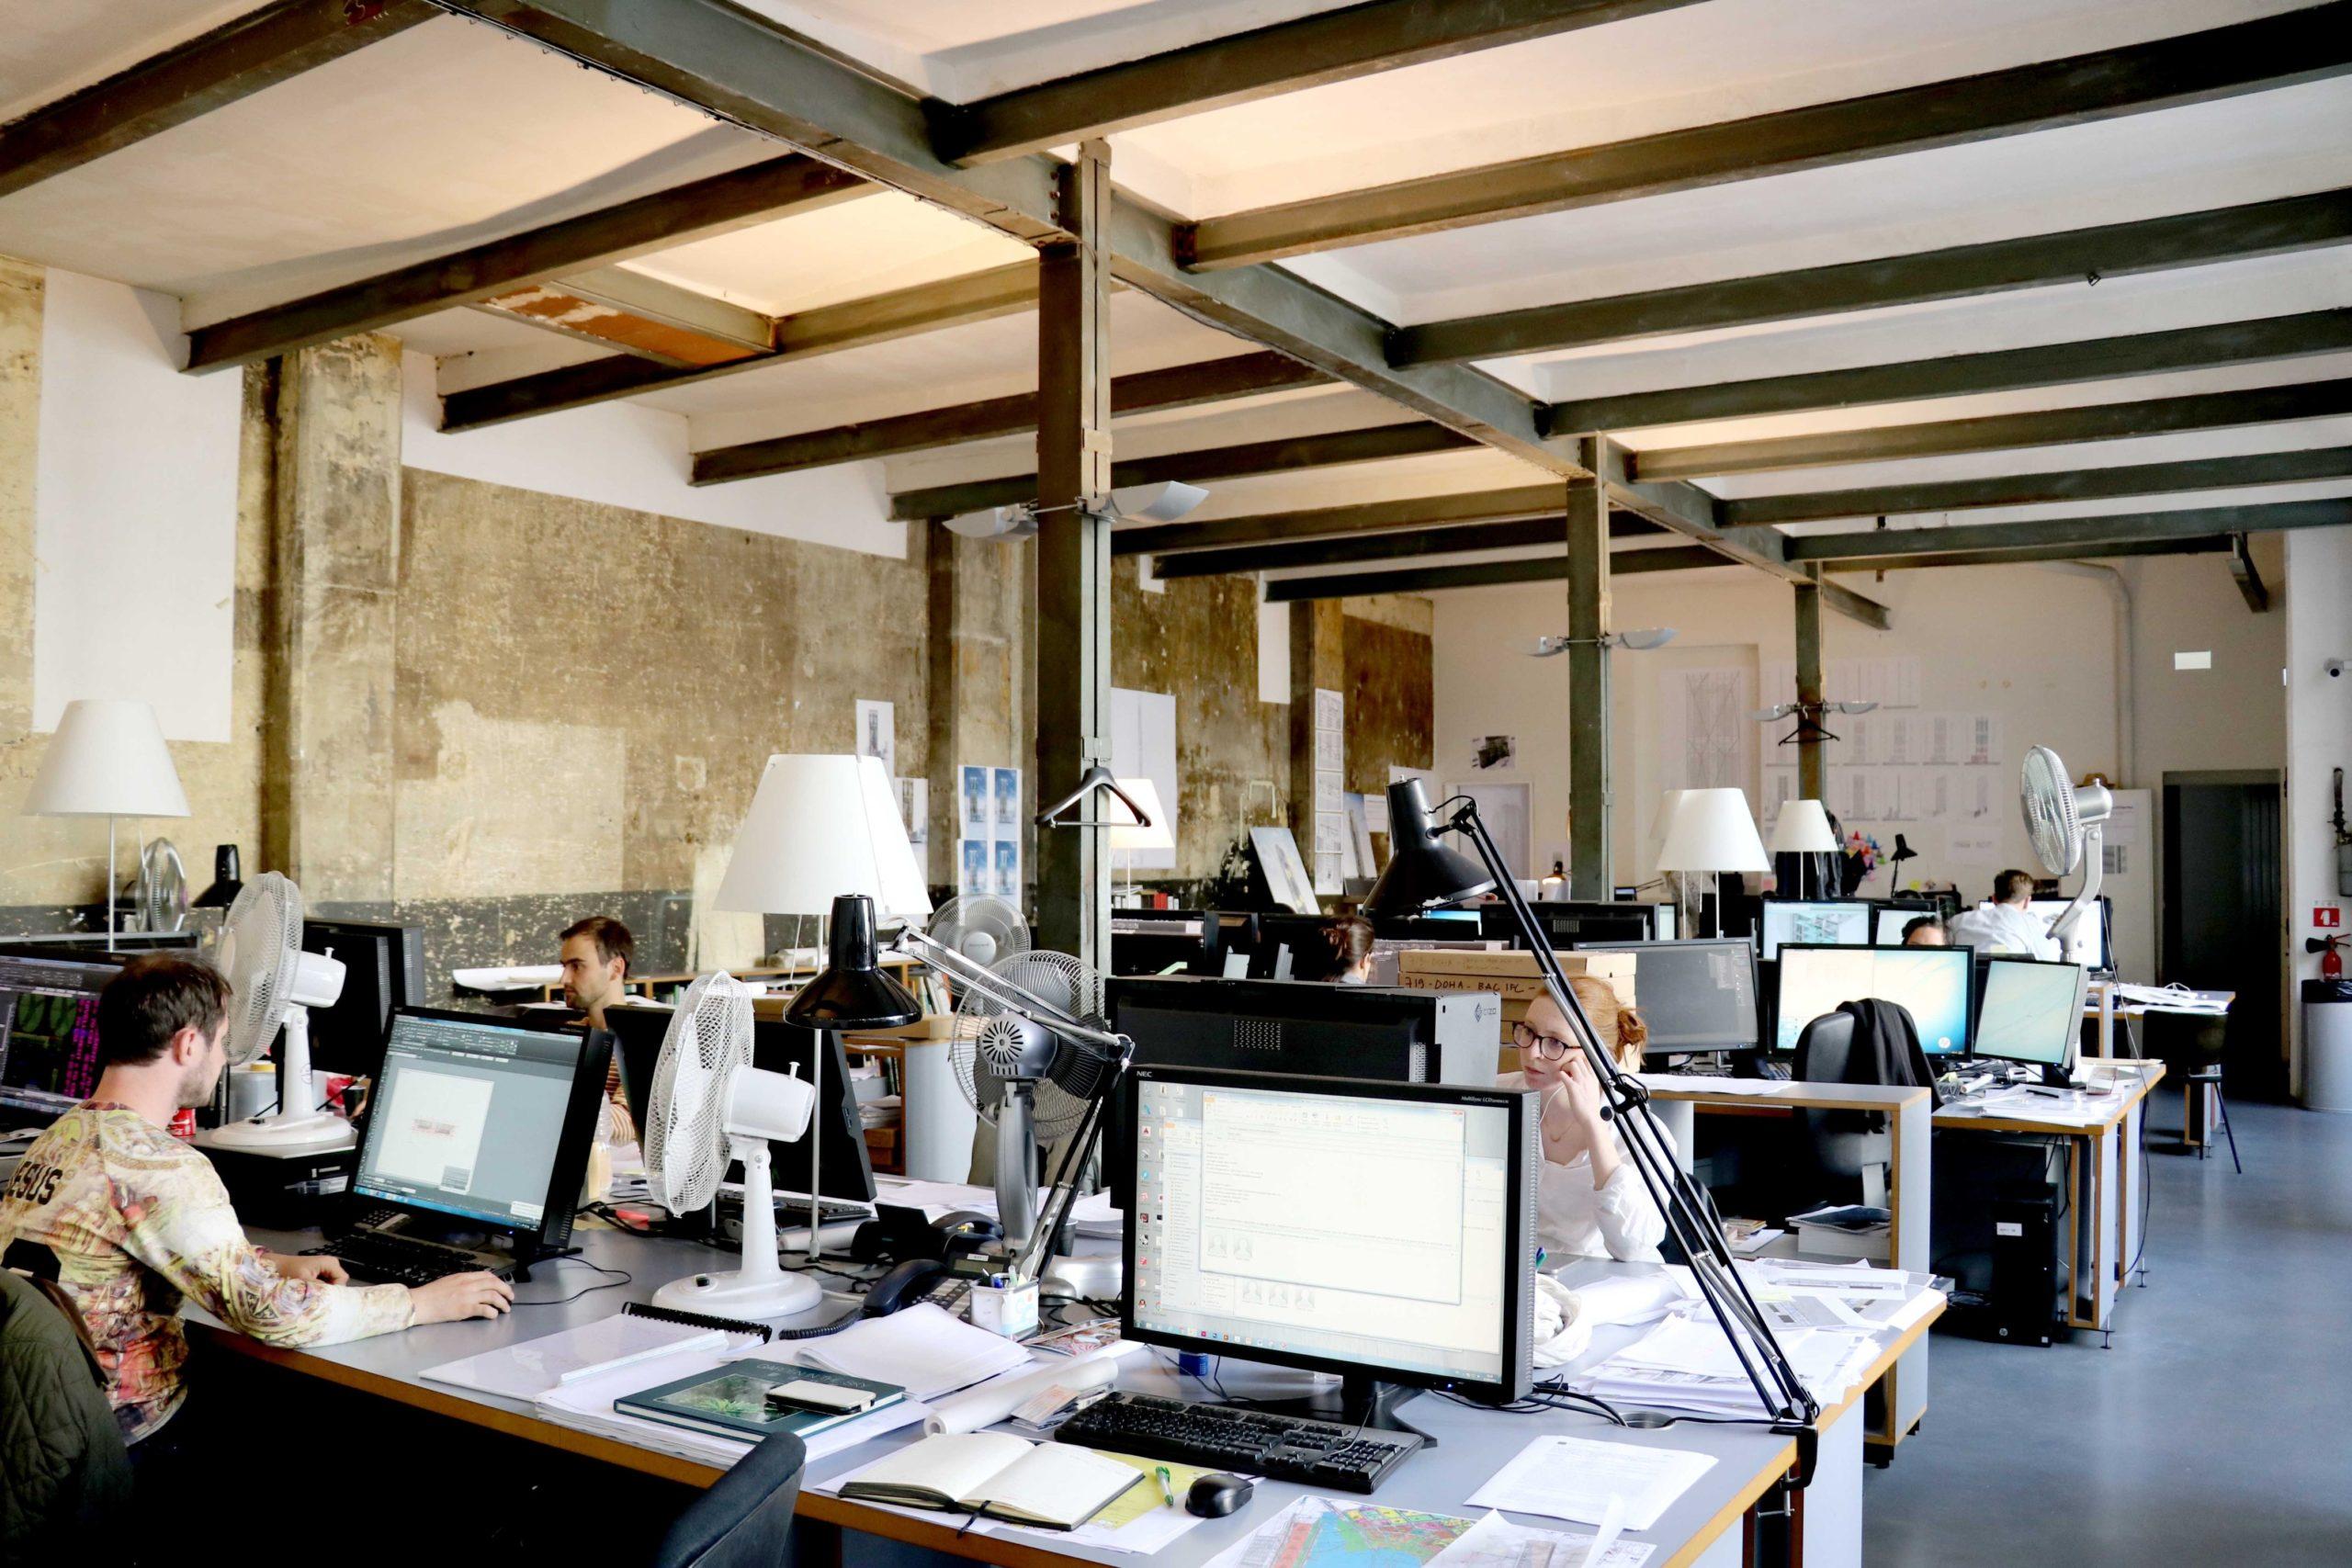 Ateliers Jean Nouvel agence THE FARM Paris 2